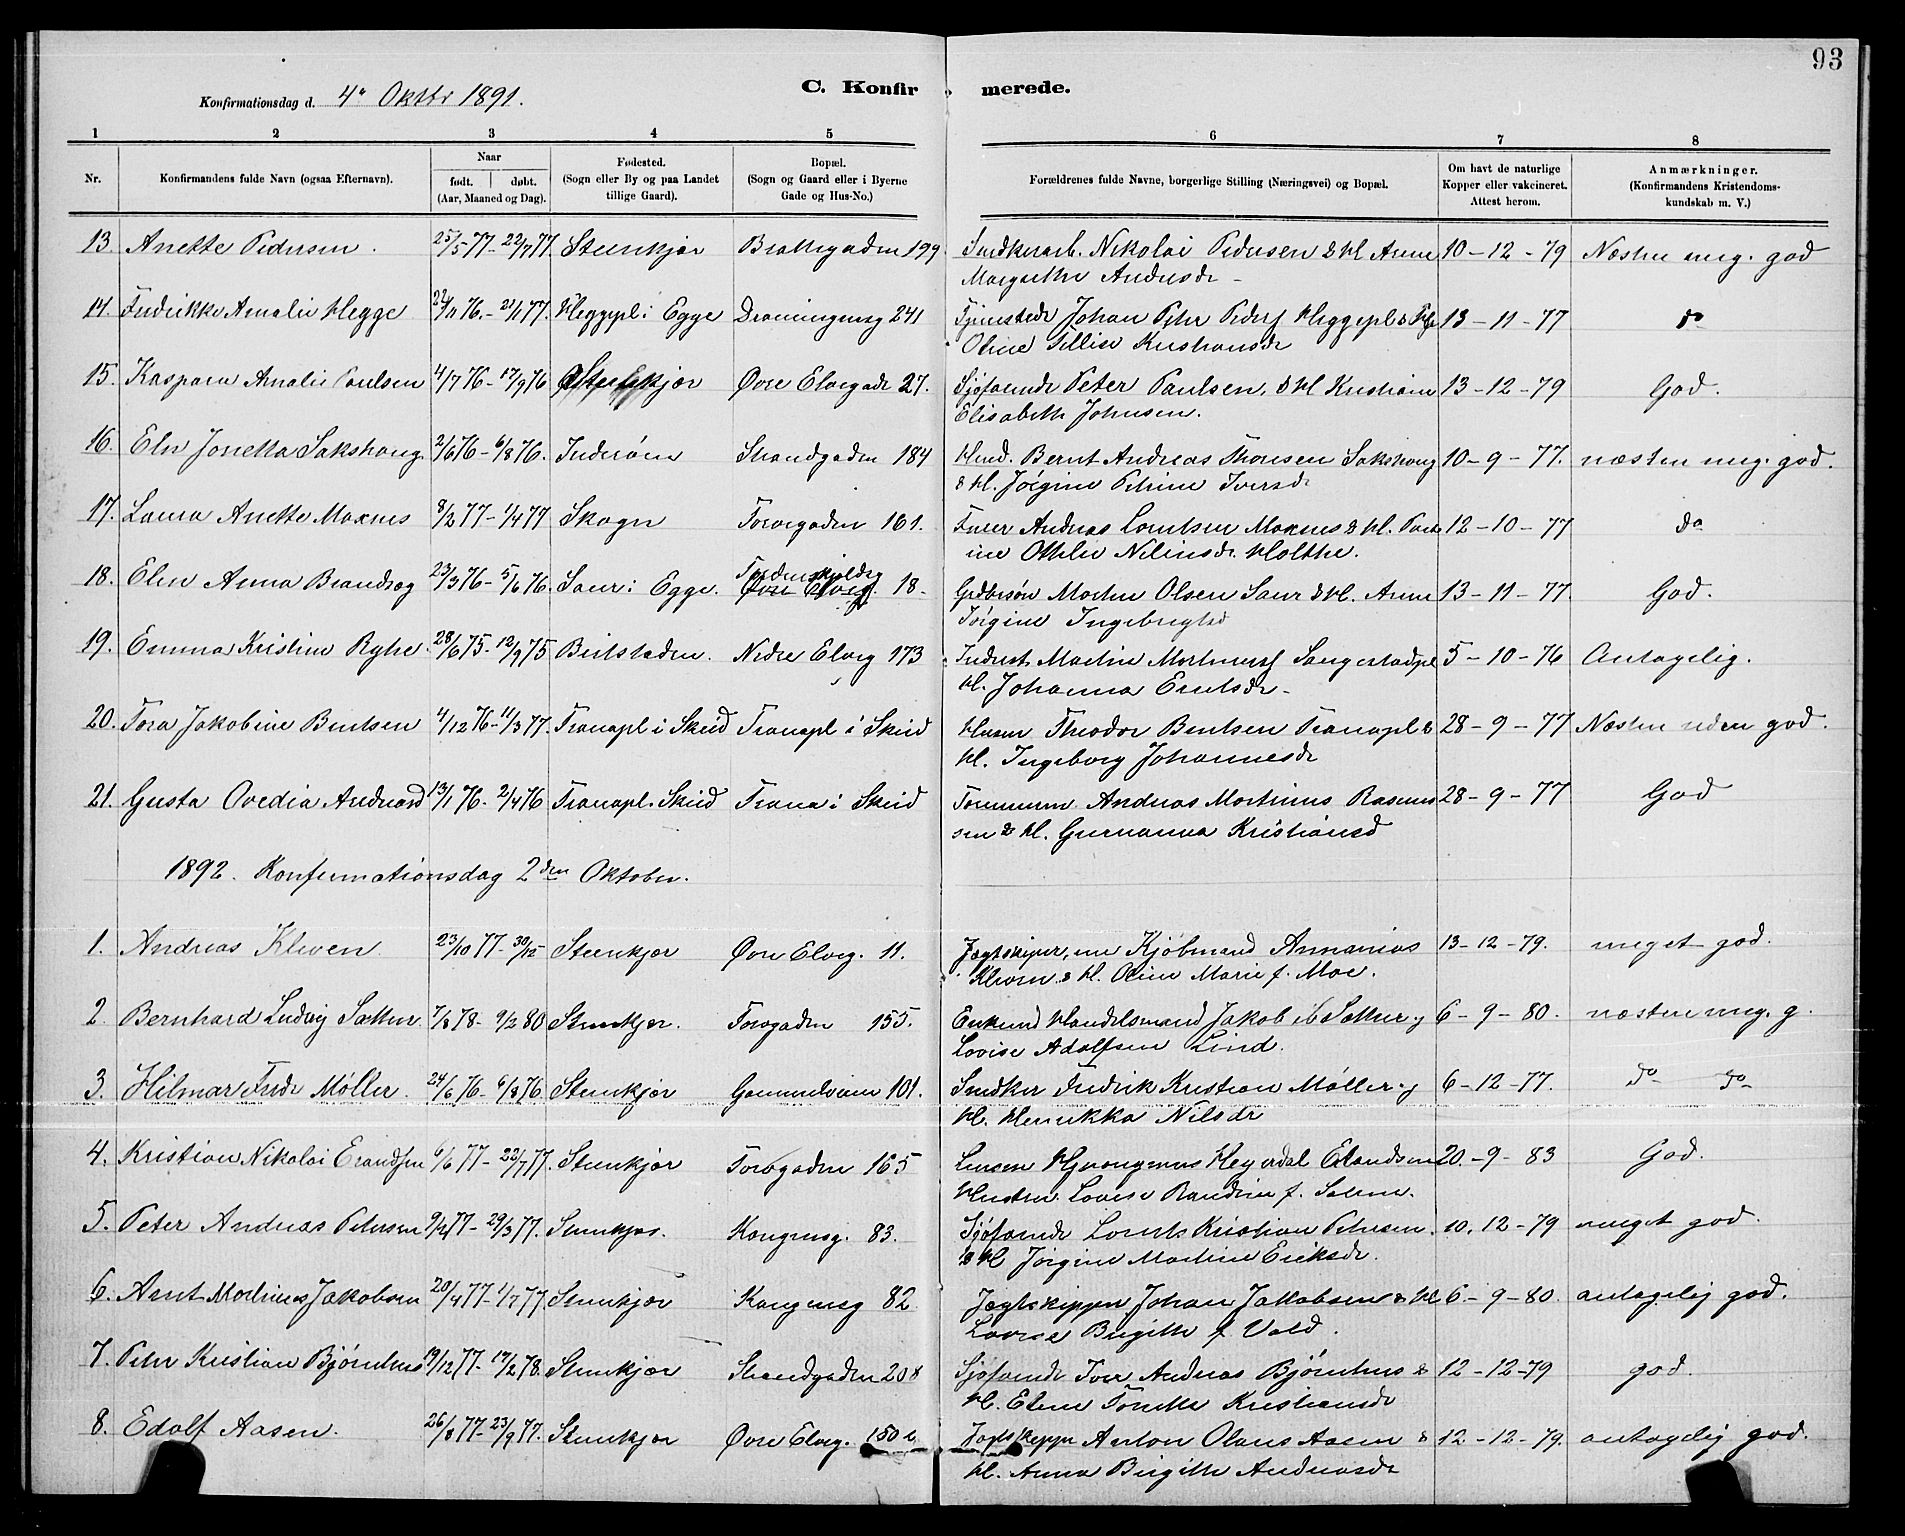 SAT, Ministerialprotokoller, klokkerbøker og fødselsregistre - Nord-Trøndelag, 739/L0374: Klokkerbok nr. 739C02, 1883-1898, s. 93